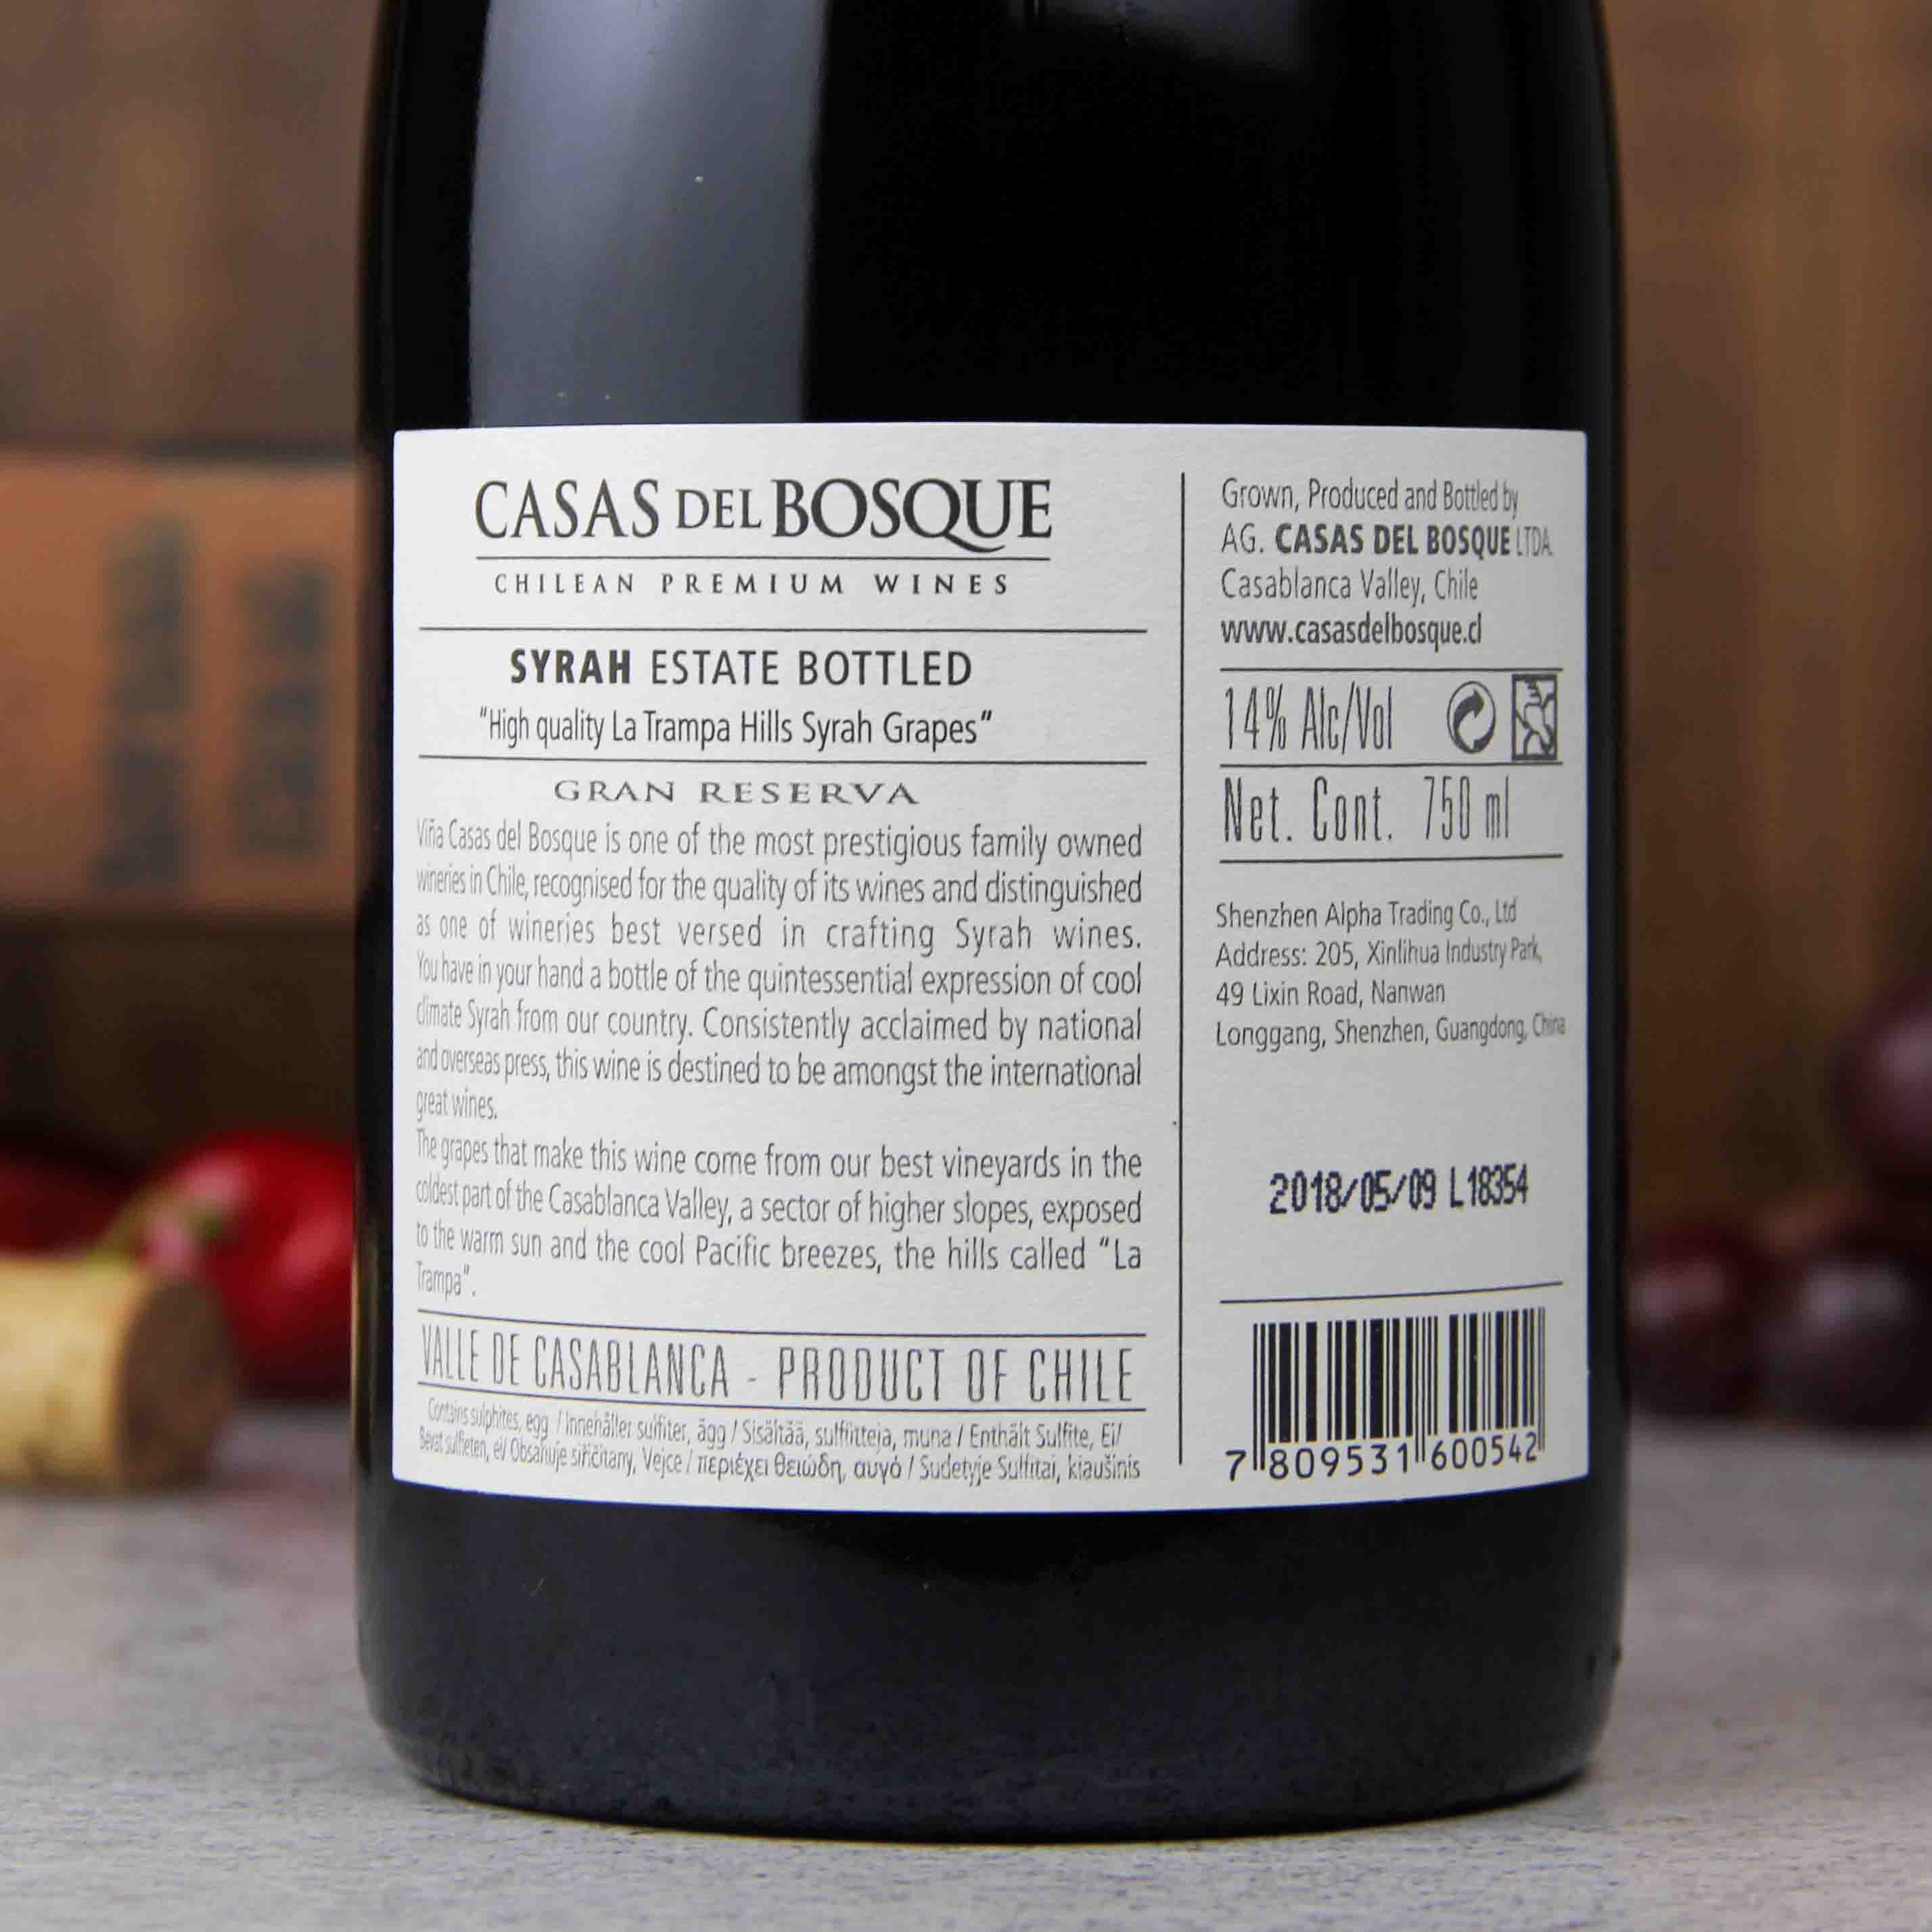 智利卡萨布兰谷卡萨伯斯克特藏西拉红葡萄酒红酒